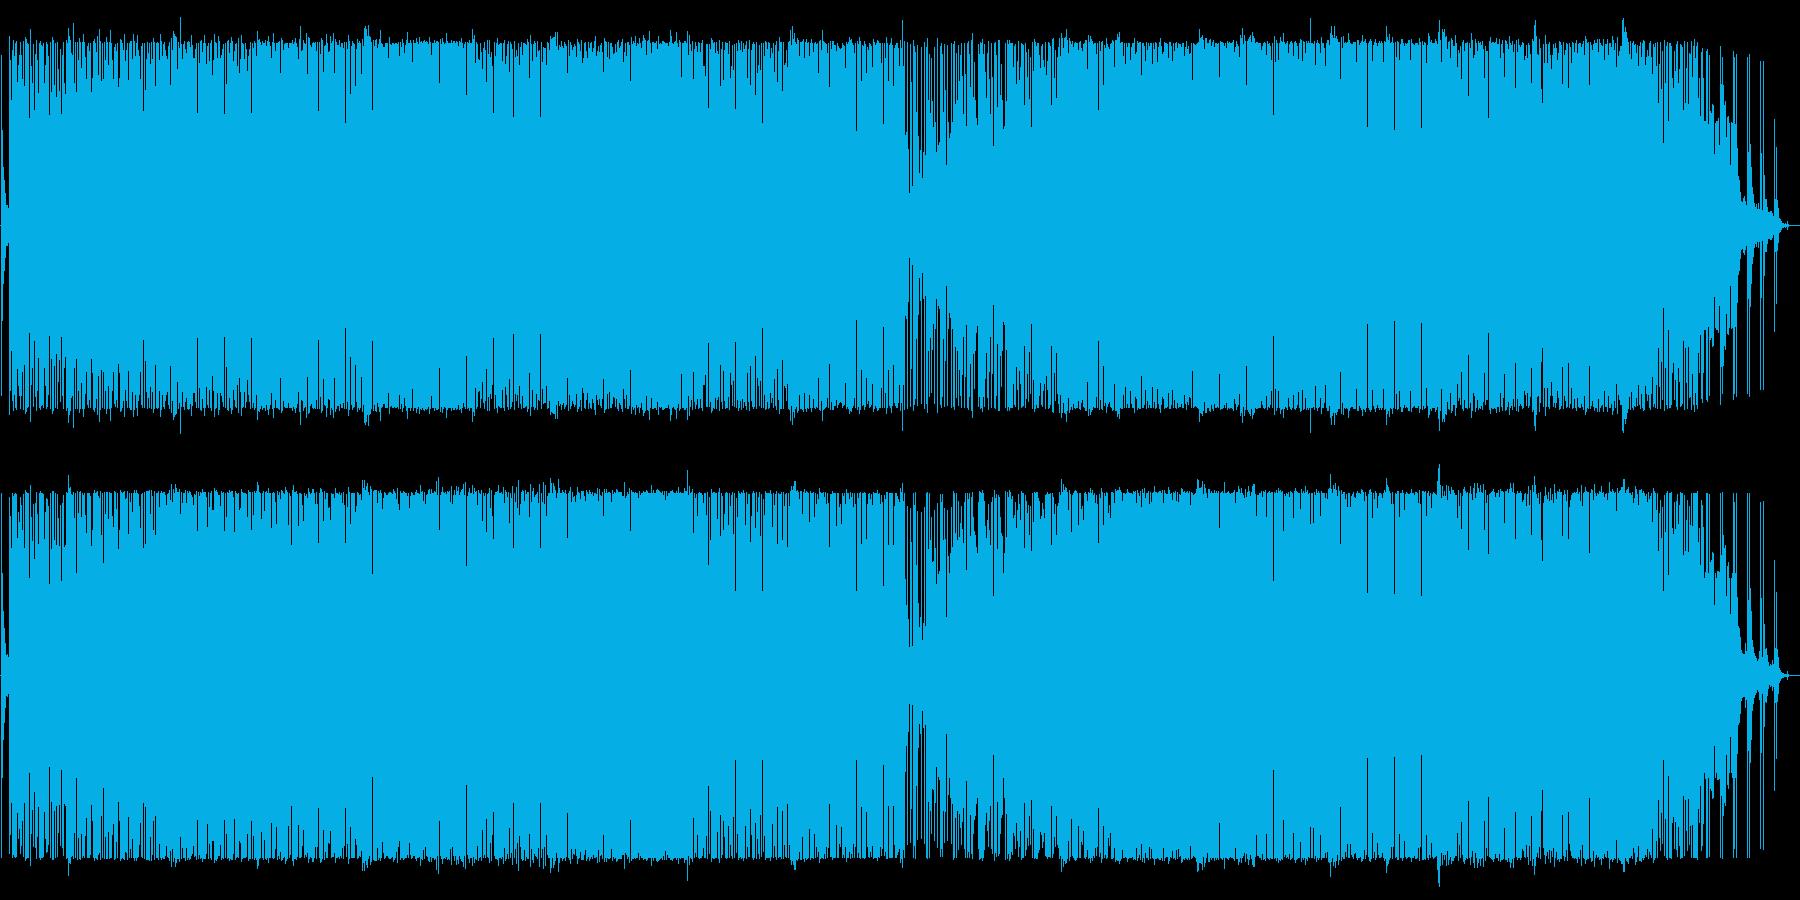 シンセとパーカッションのグルーブ・ハウスの再生済みの波形